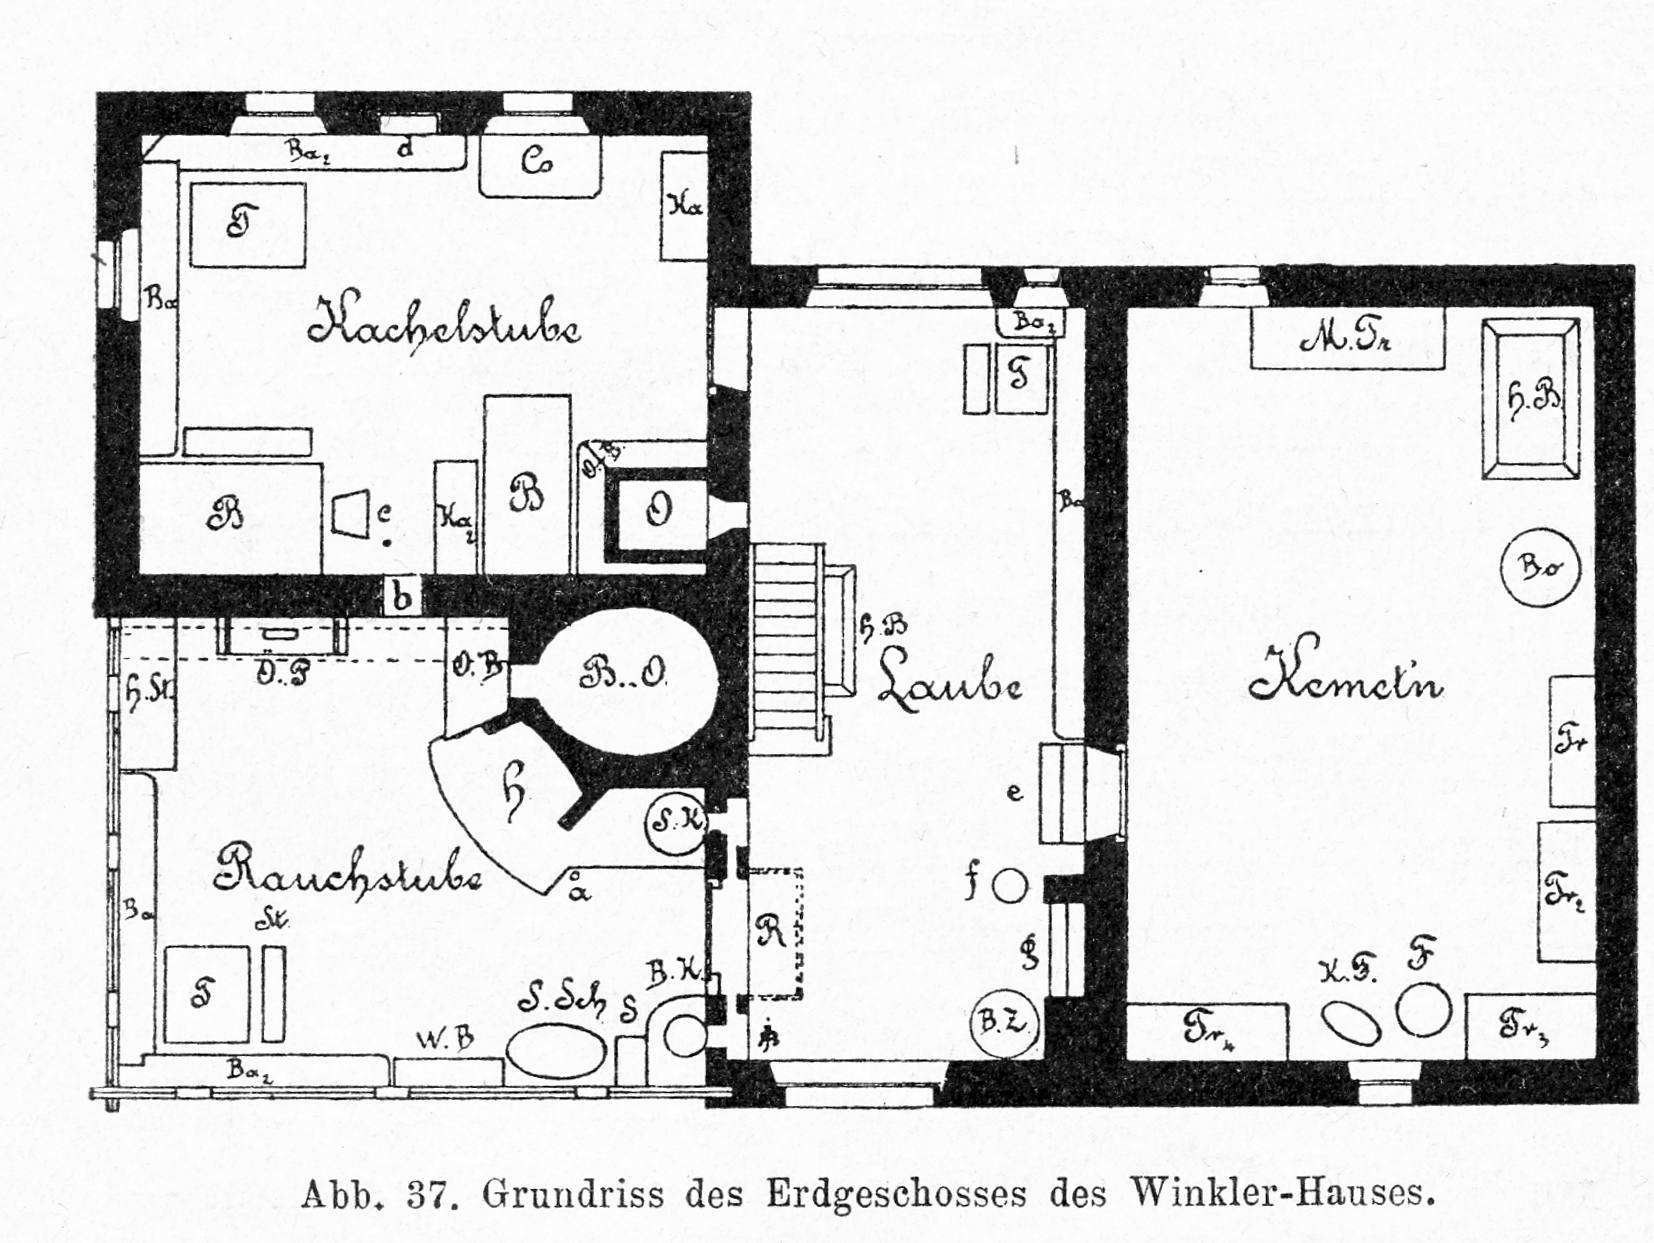 File:Bünker 1902 S 060 Sw Winkler Haus Reich Seeboden Grundriss